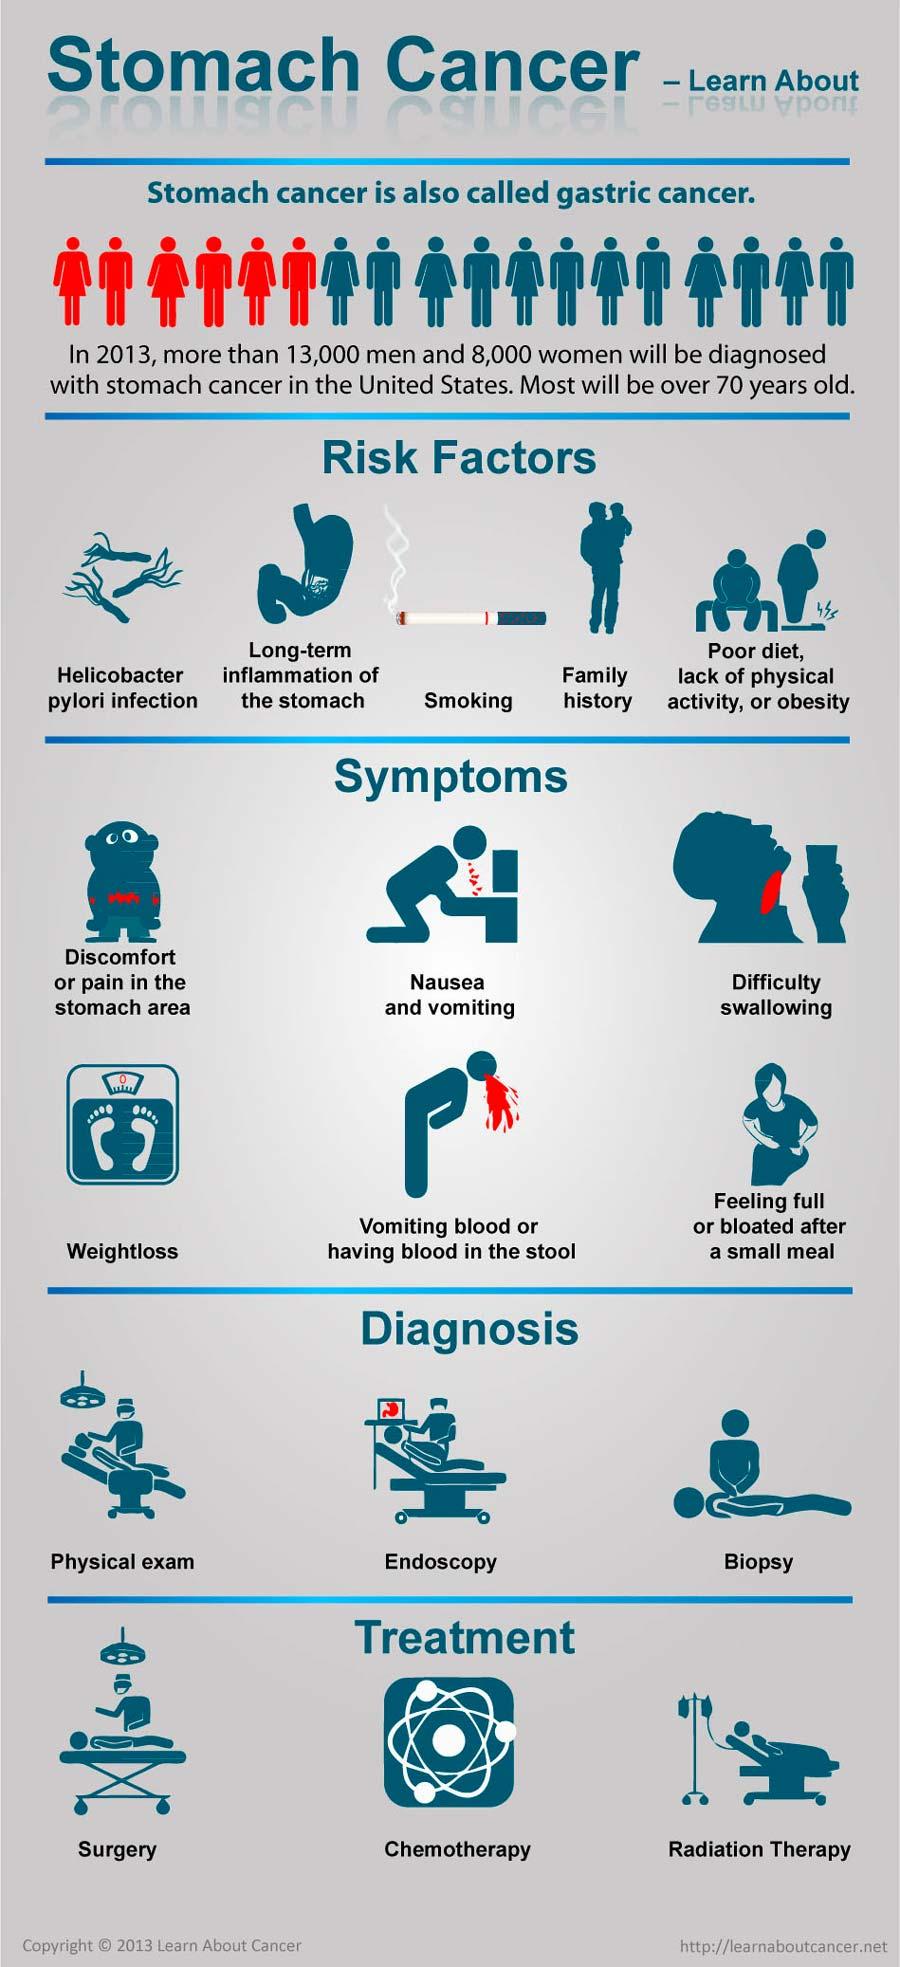 Symptoms of Bladder Cancer